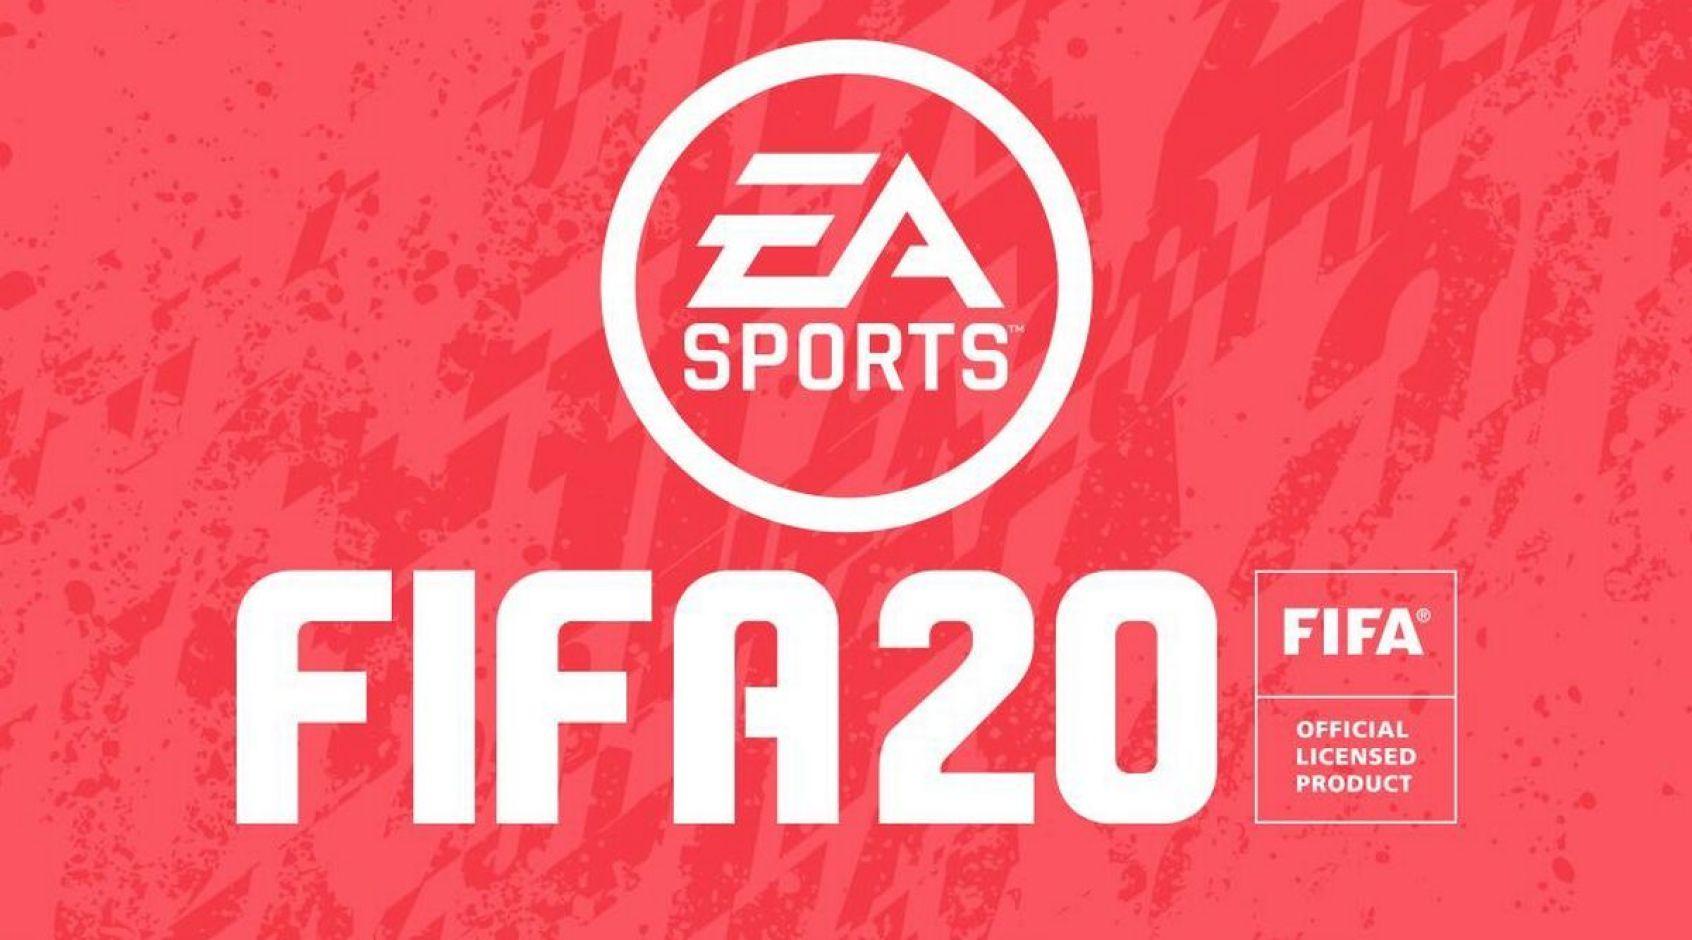 FIFA 20: стали известны рейтинги сильнейших игроков - с Месси во главе